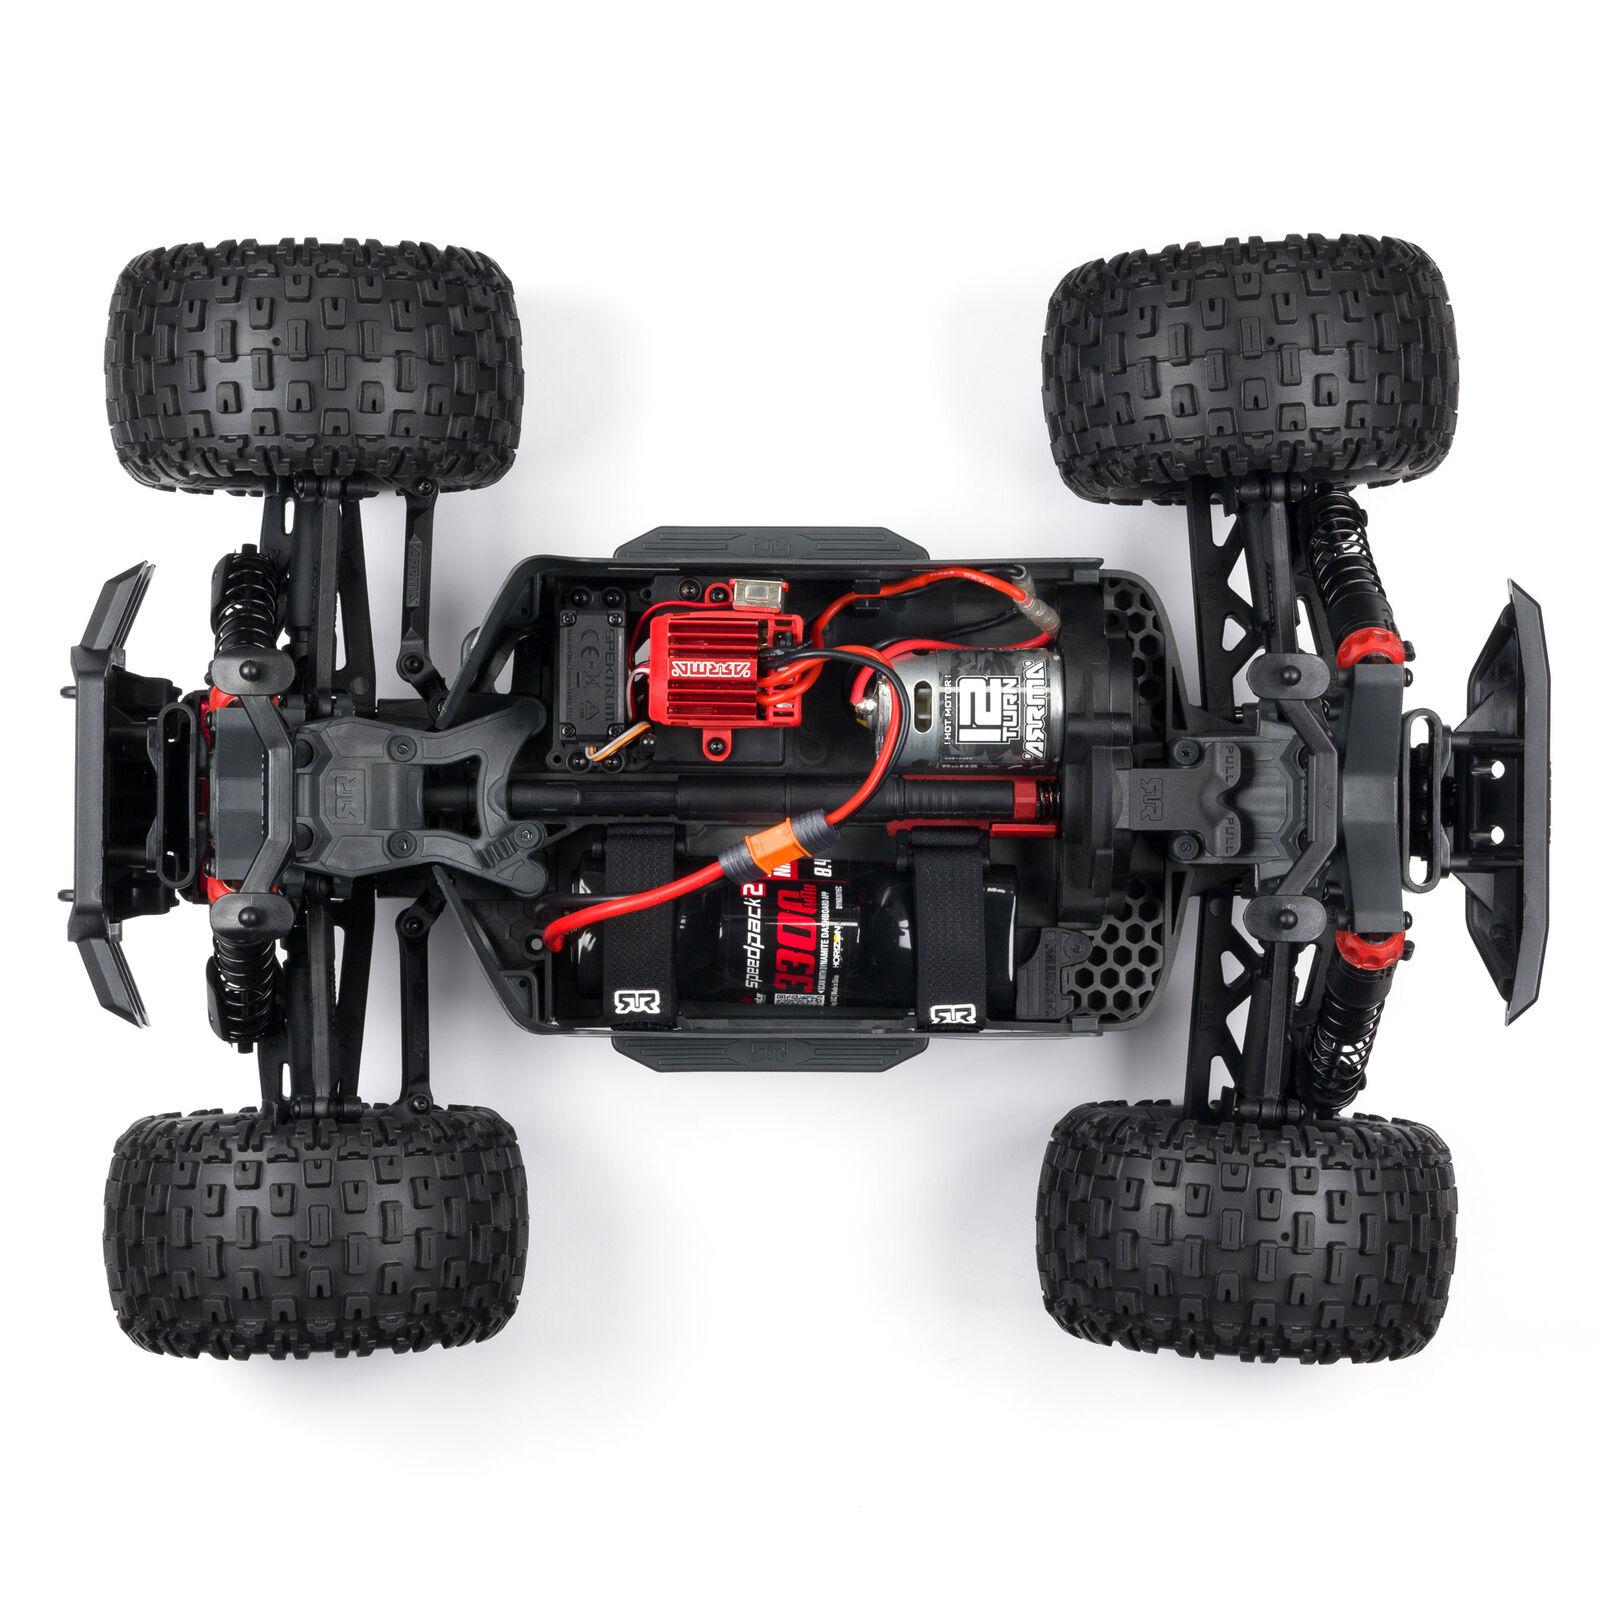 1/10 GRANITE 4X4 V3 MEGA 550 Brushed Monster Truck RTR, Red